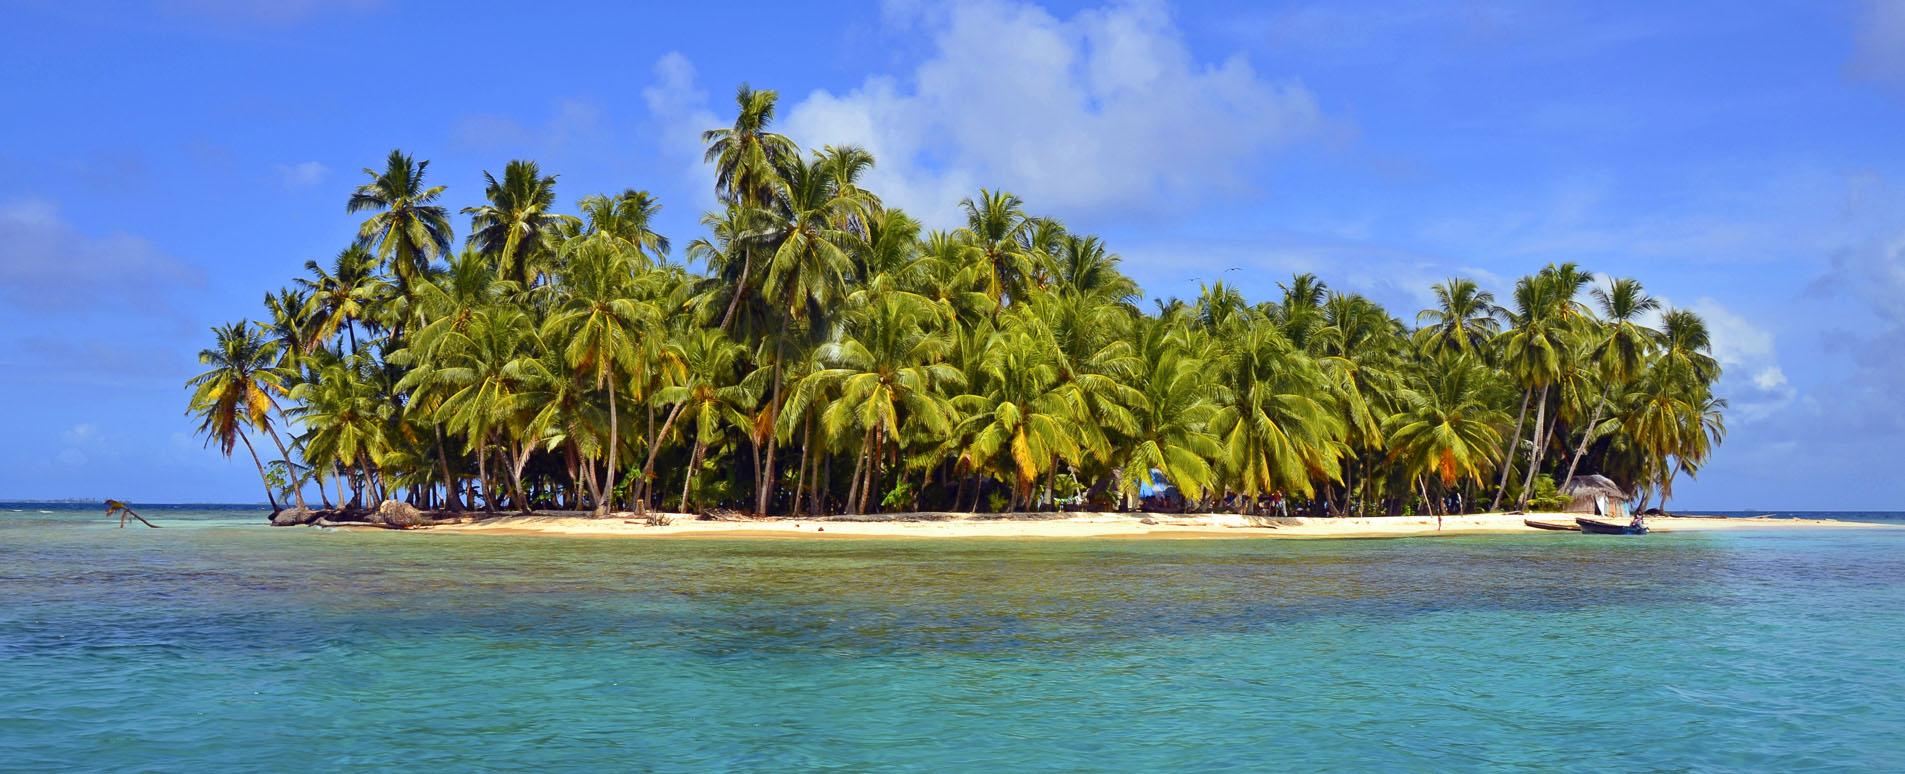 Vacaciones a medida en América del Sur